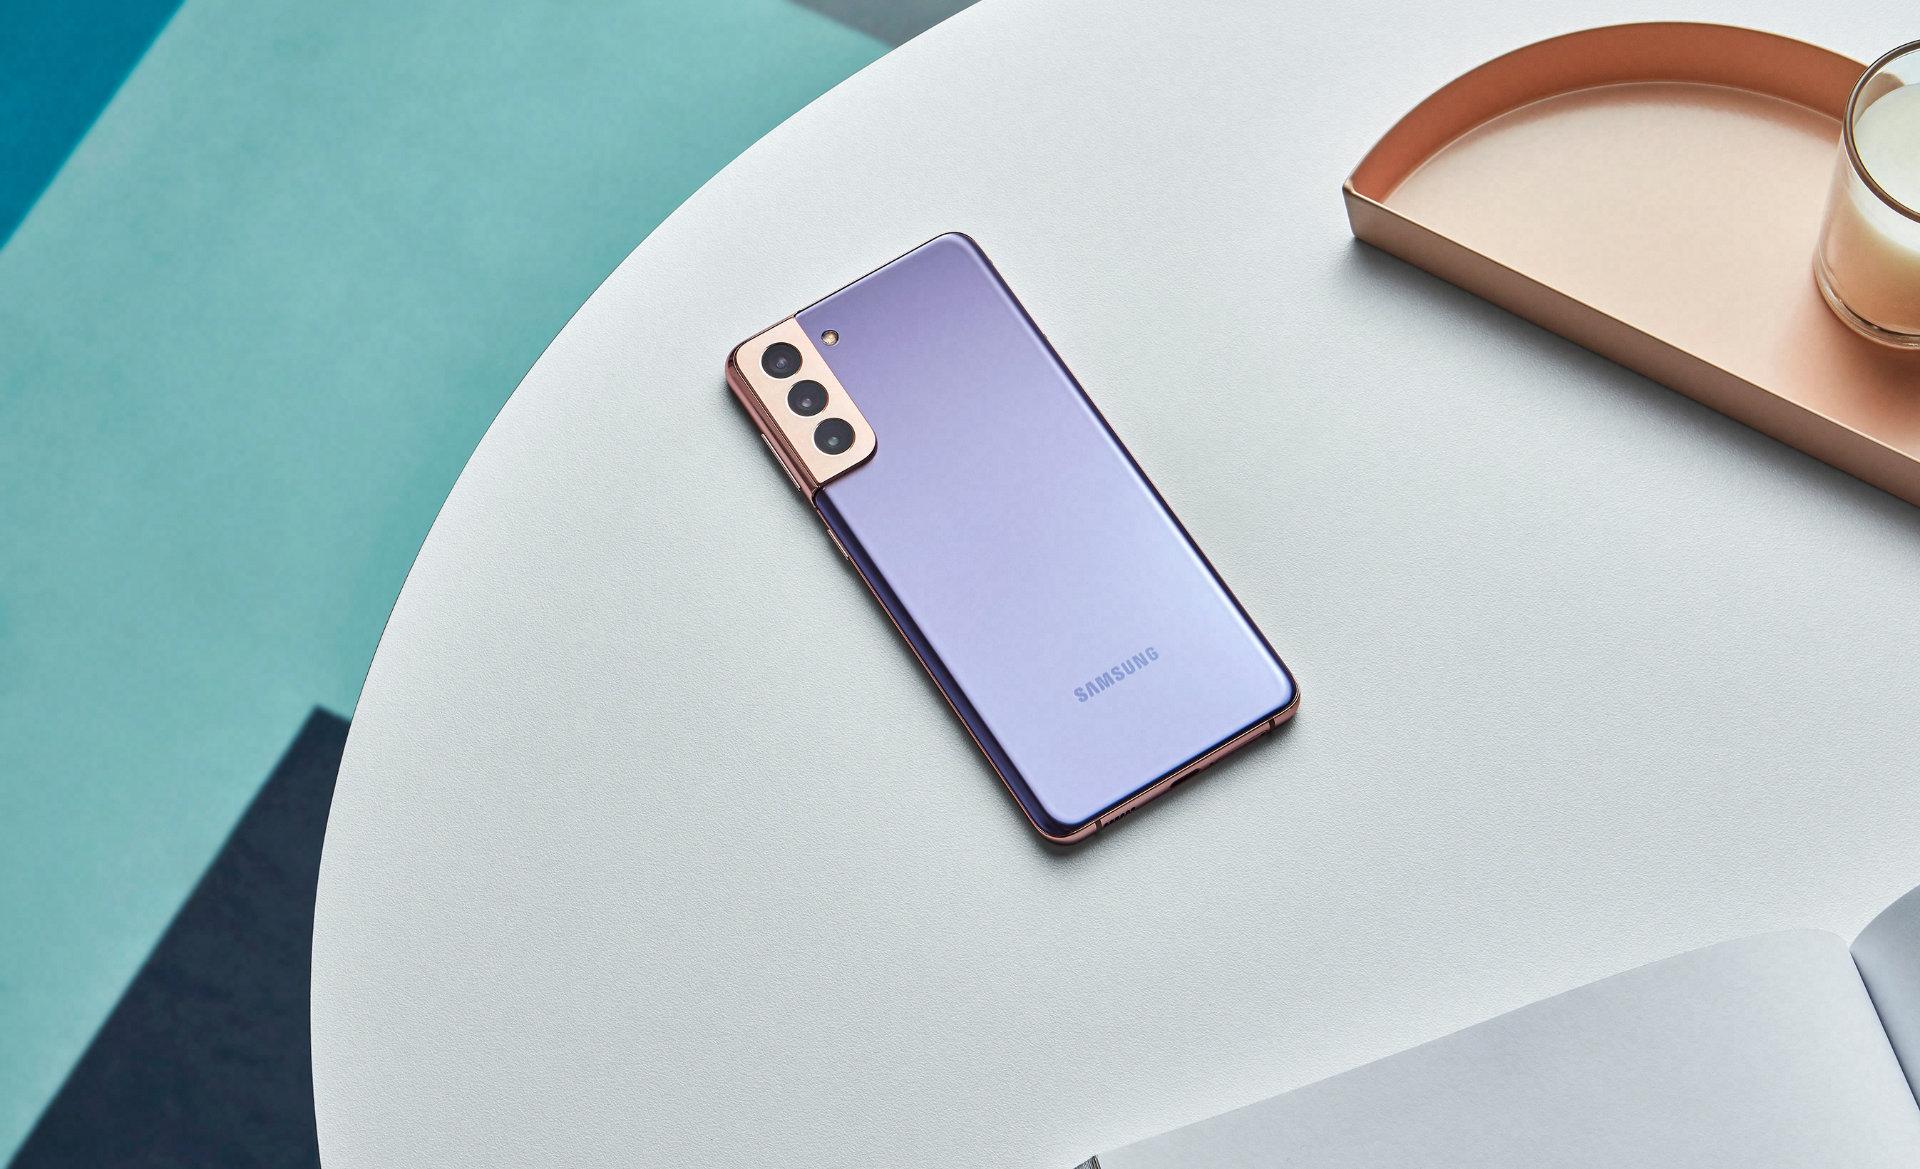 Samsung Galaxy S21 : une assurance pour le protéger de la casse et du vol dès le premier jour